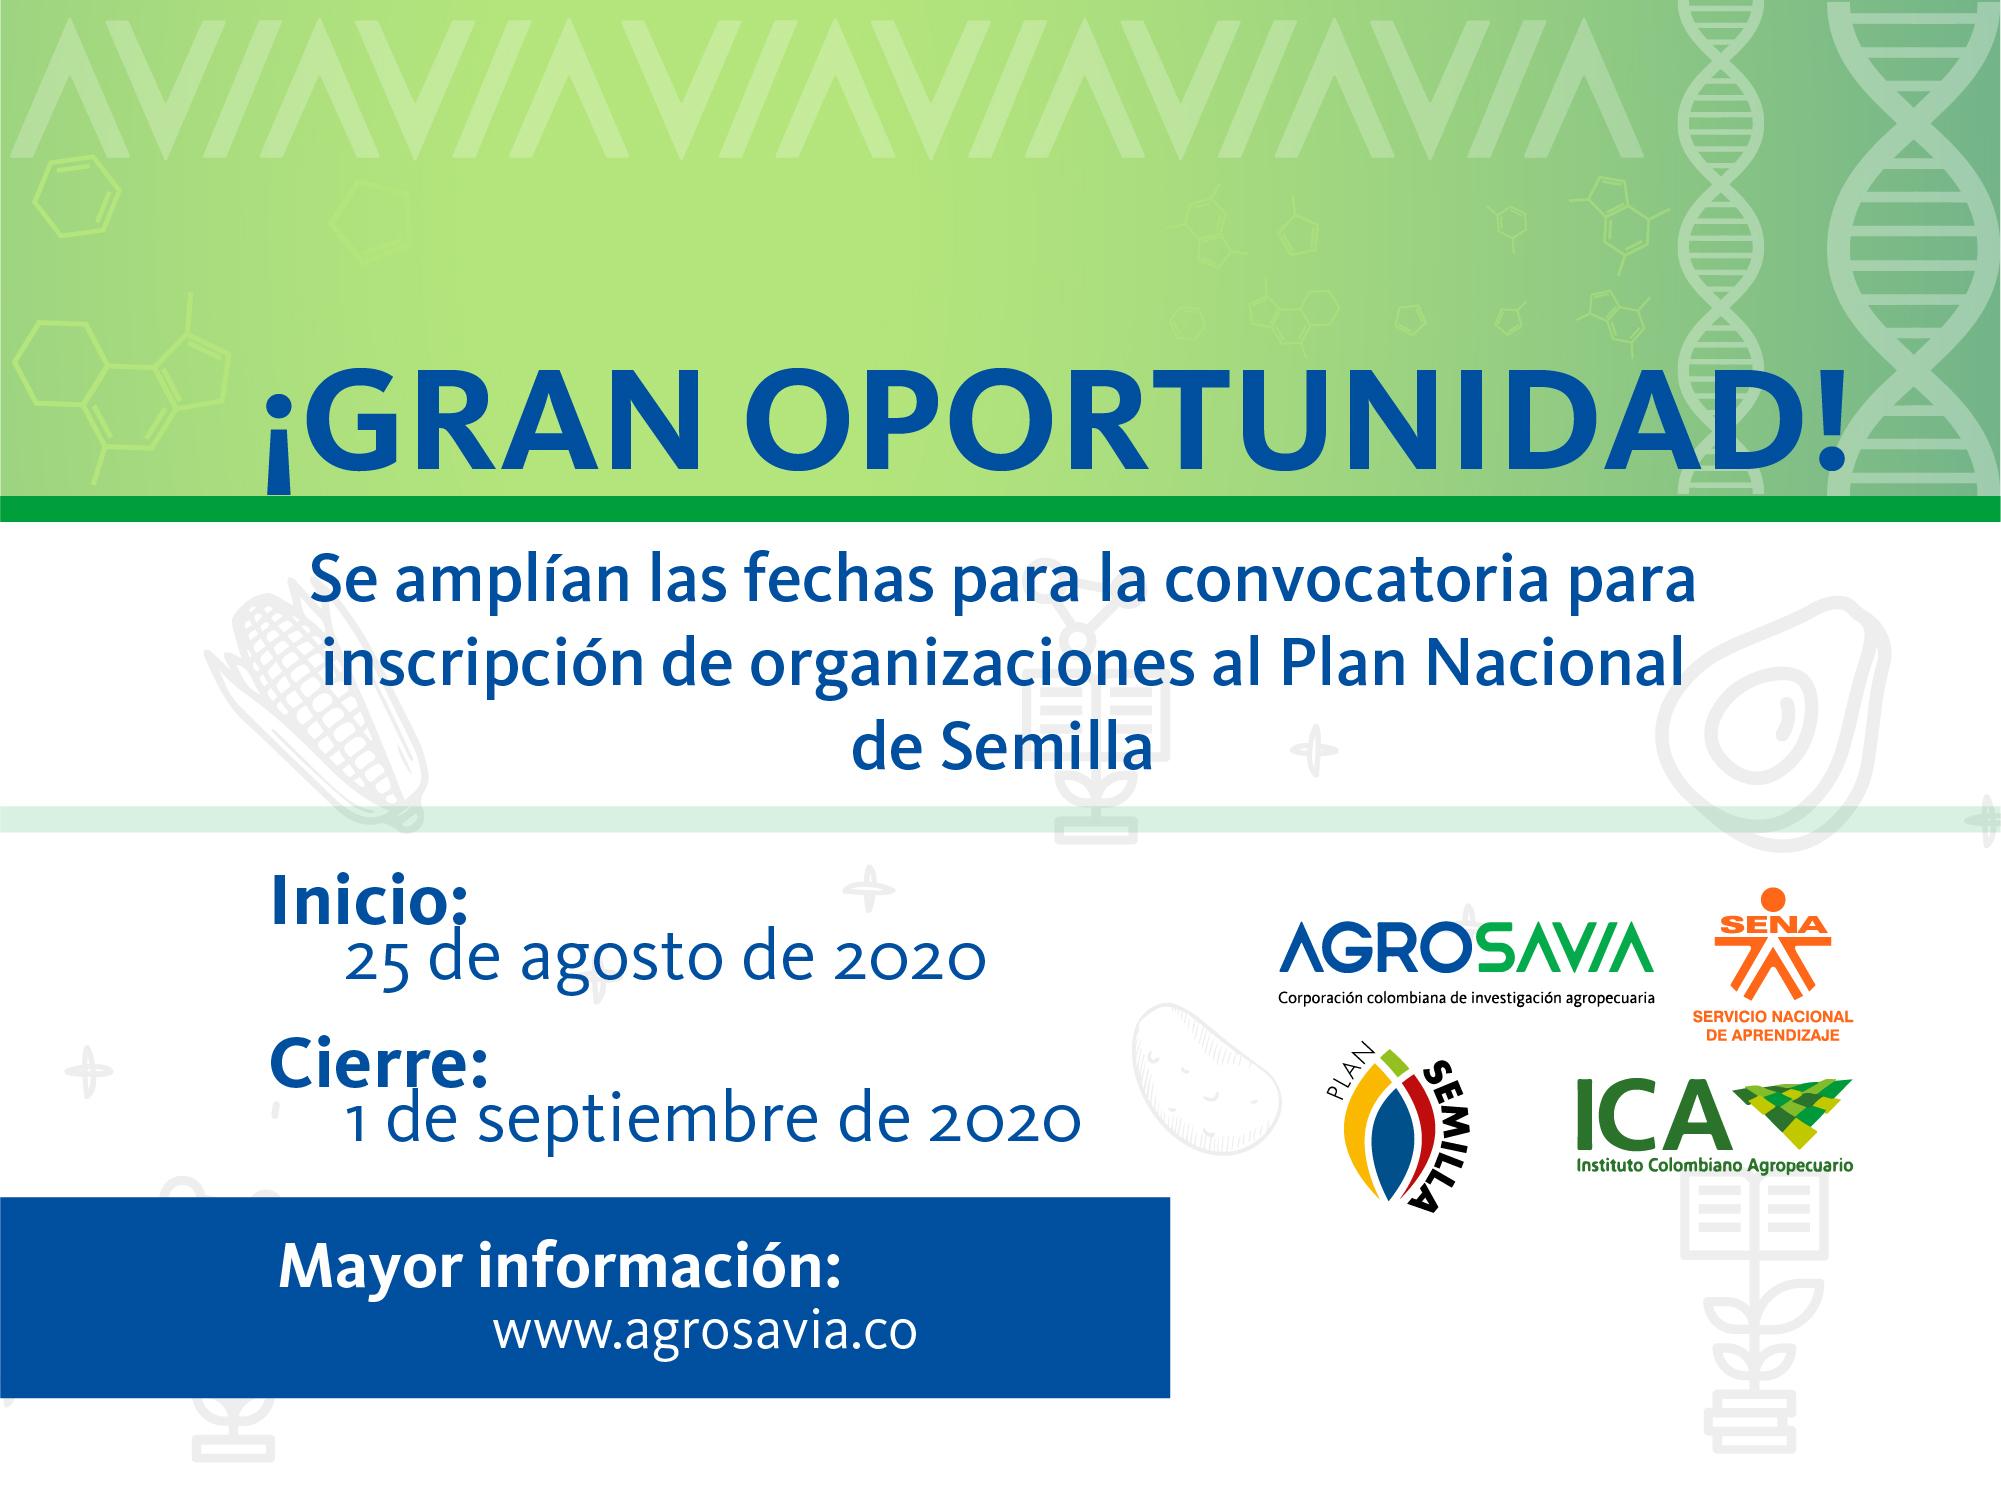 Plan Nacional de Semillas mantiene abierta convocatoria para registro de organizaciones de productores